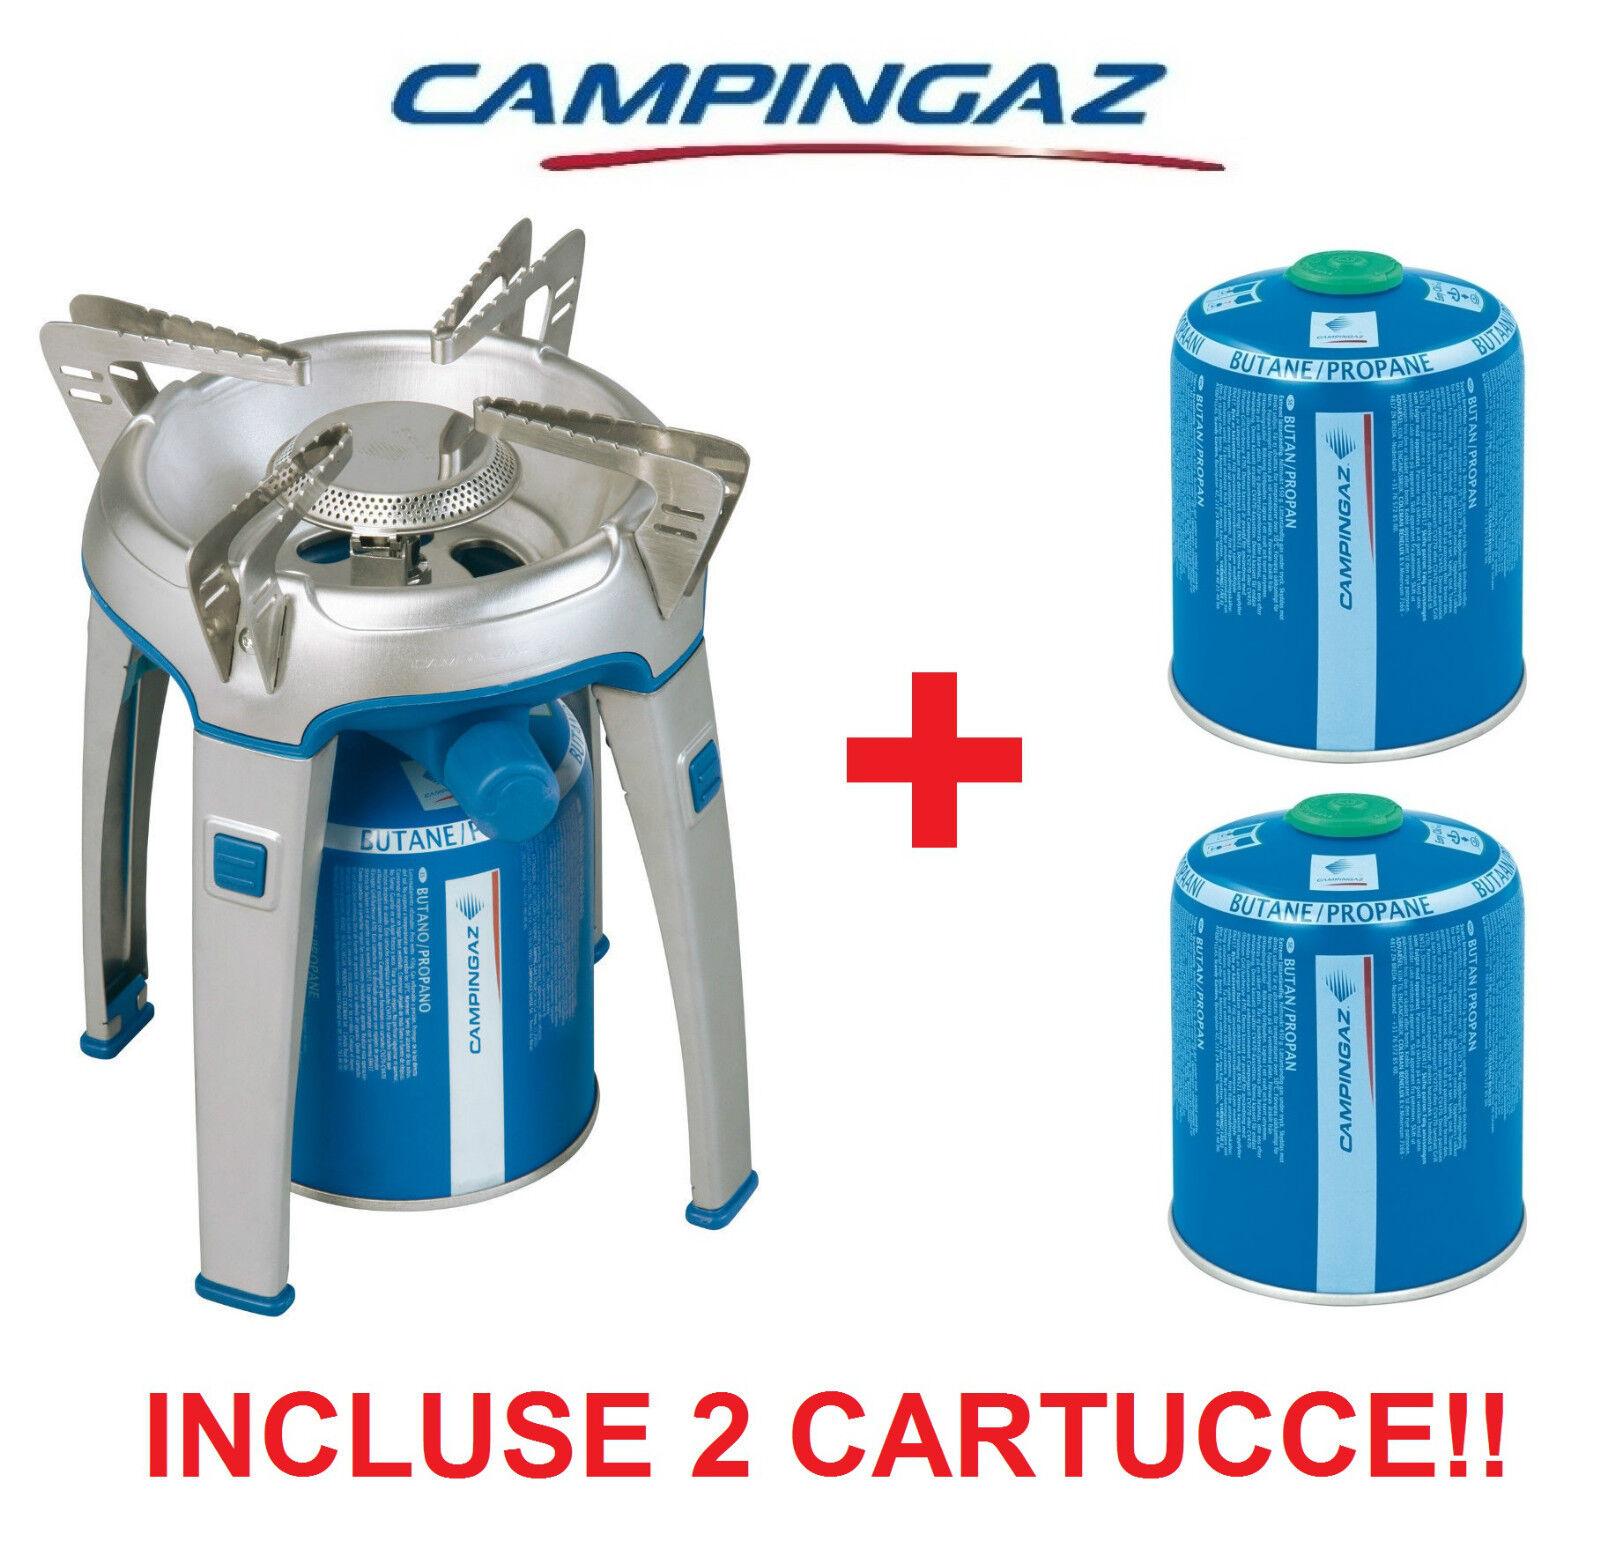 FORNELLO A GAS BIVOUAC - CAMPINGAZ + 2 CARTUCCE CARTUCCE CARTUCCE GAS CV470 + IDEALE PER CAMPEGGIO d3893b